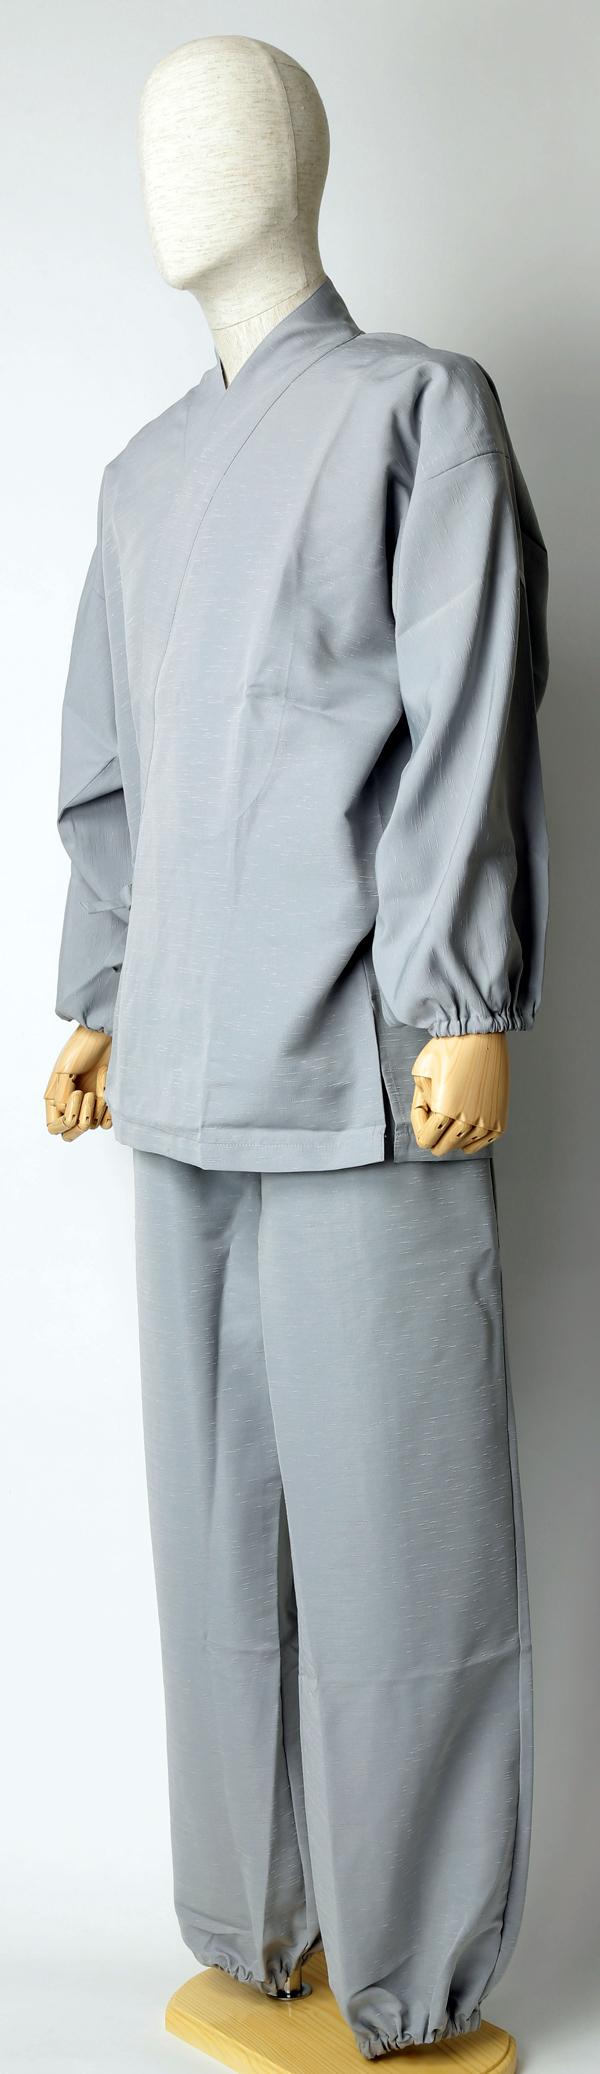 紬風織り仕立作務衣 うす鼠色 側面